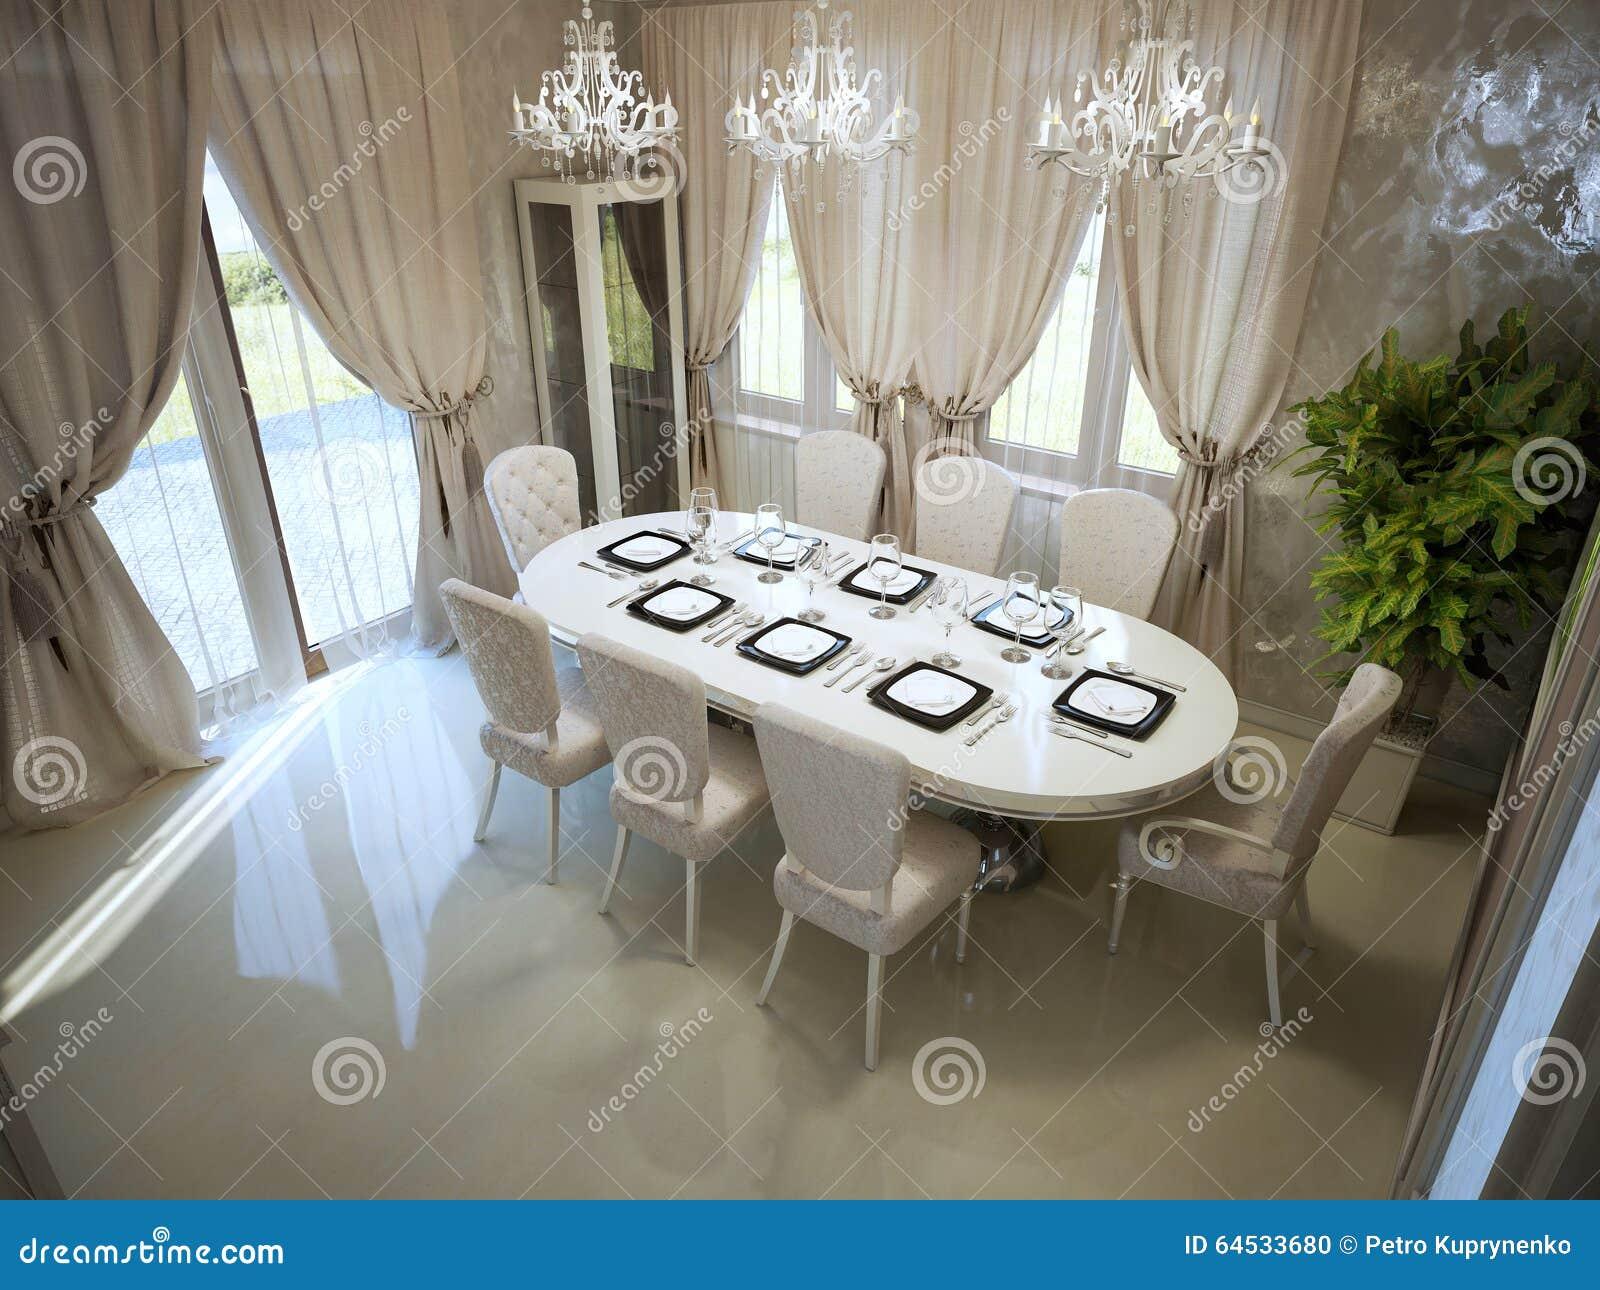 Moderne Grote Eettafel.Grote Eettafel In Spacyruimte Stock Foto Afbeelding Bestaande Uit